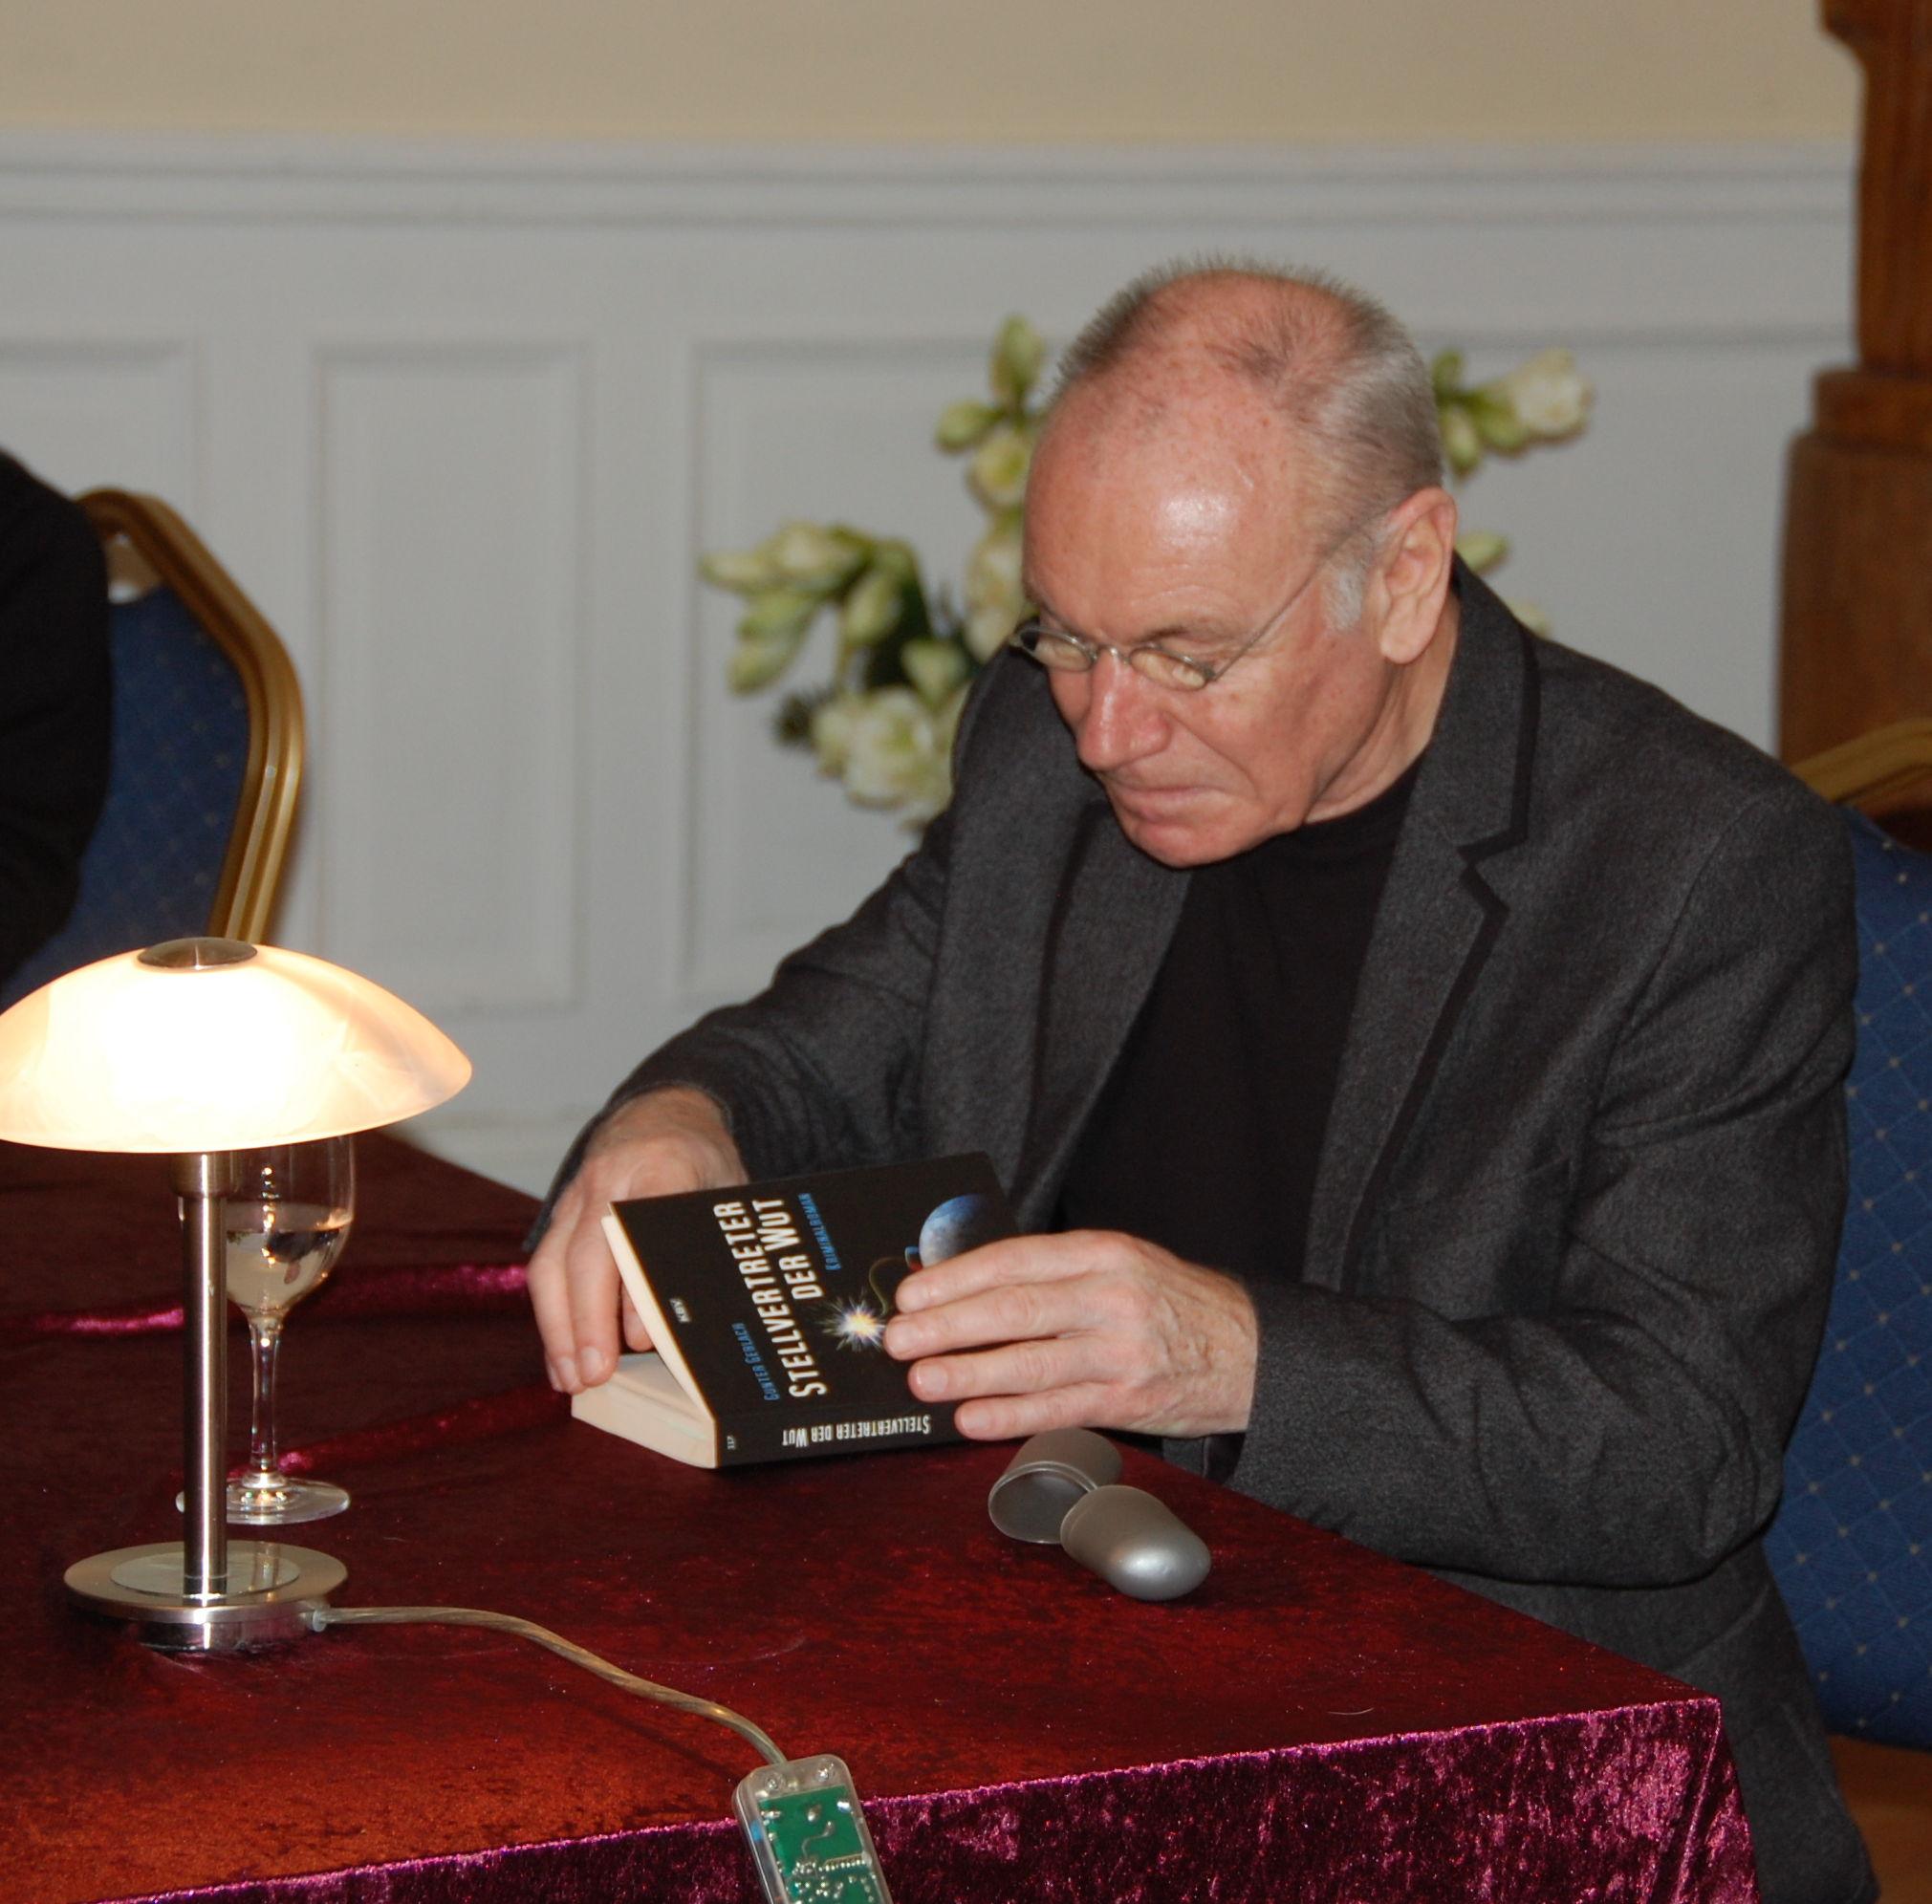 Gunter Gerlach las für die Oase